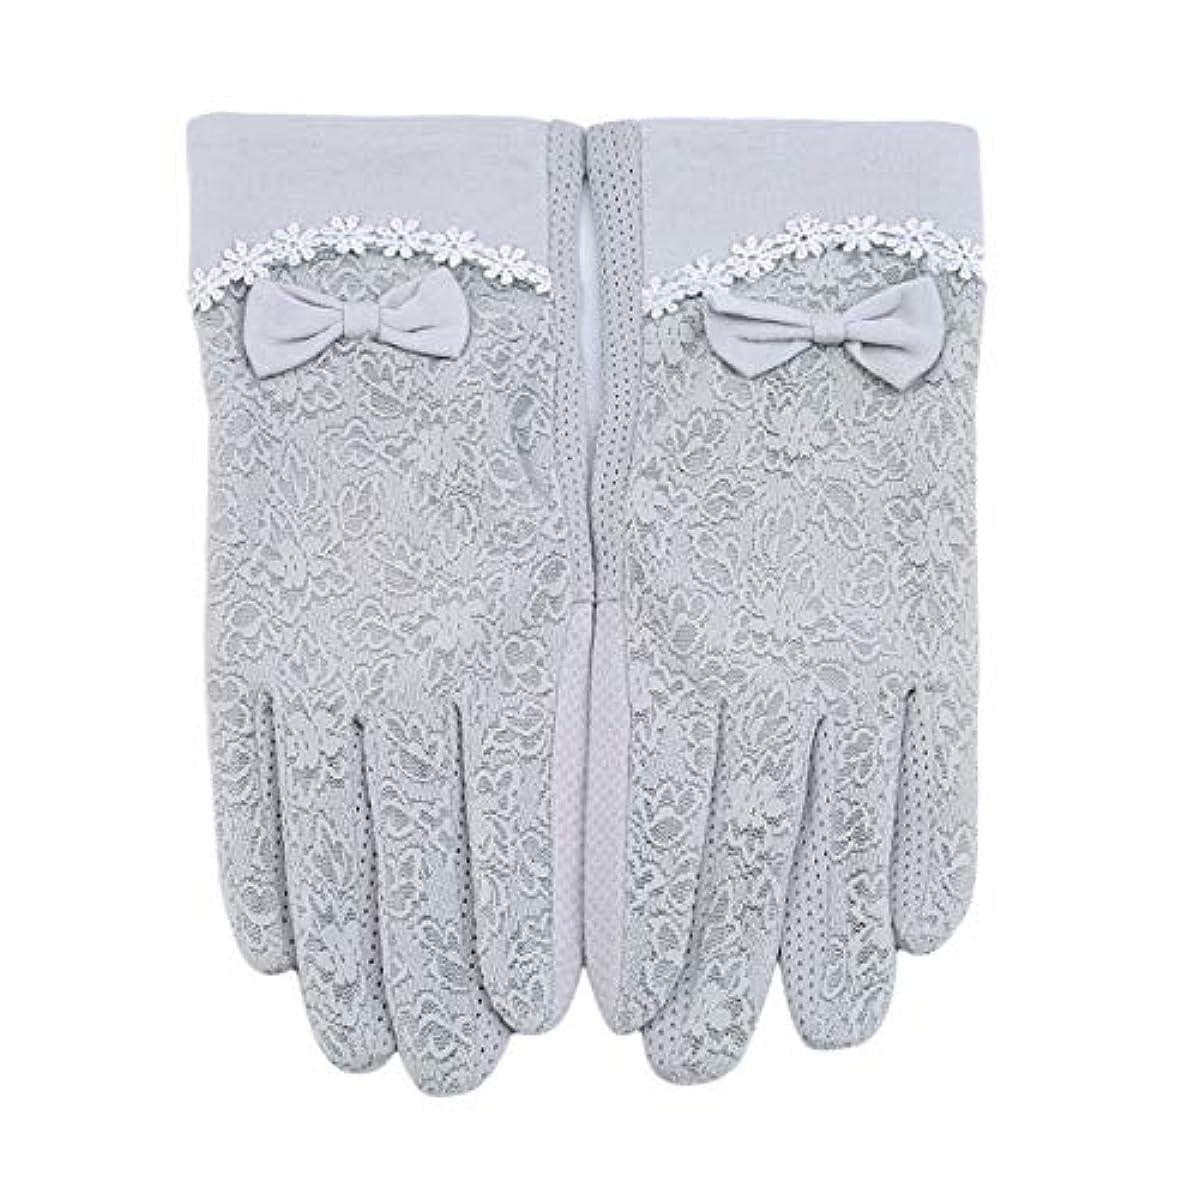 凶暴な代替案救急車MODMHB 手袋 UVカット 手触りが良い 紫外線カット 日焼け防止 ハンド ケア 手荒い対策 保湿 保護 抗菌 防臭